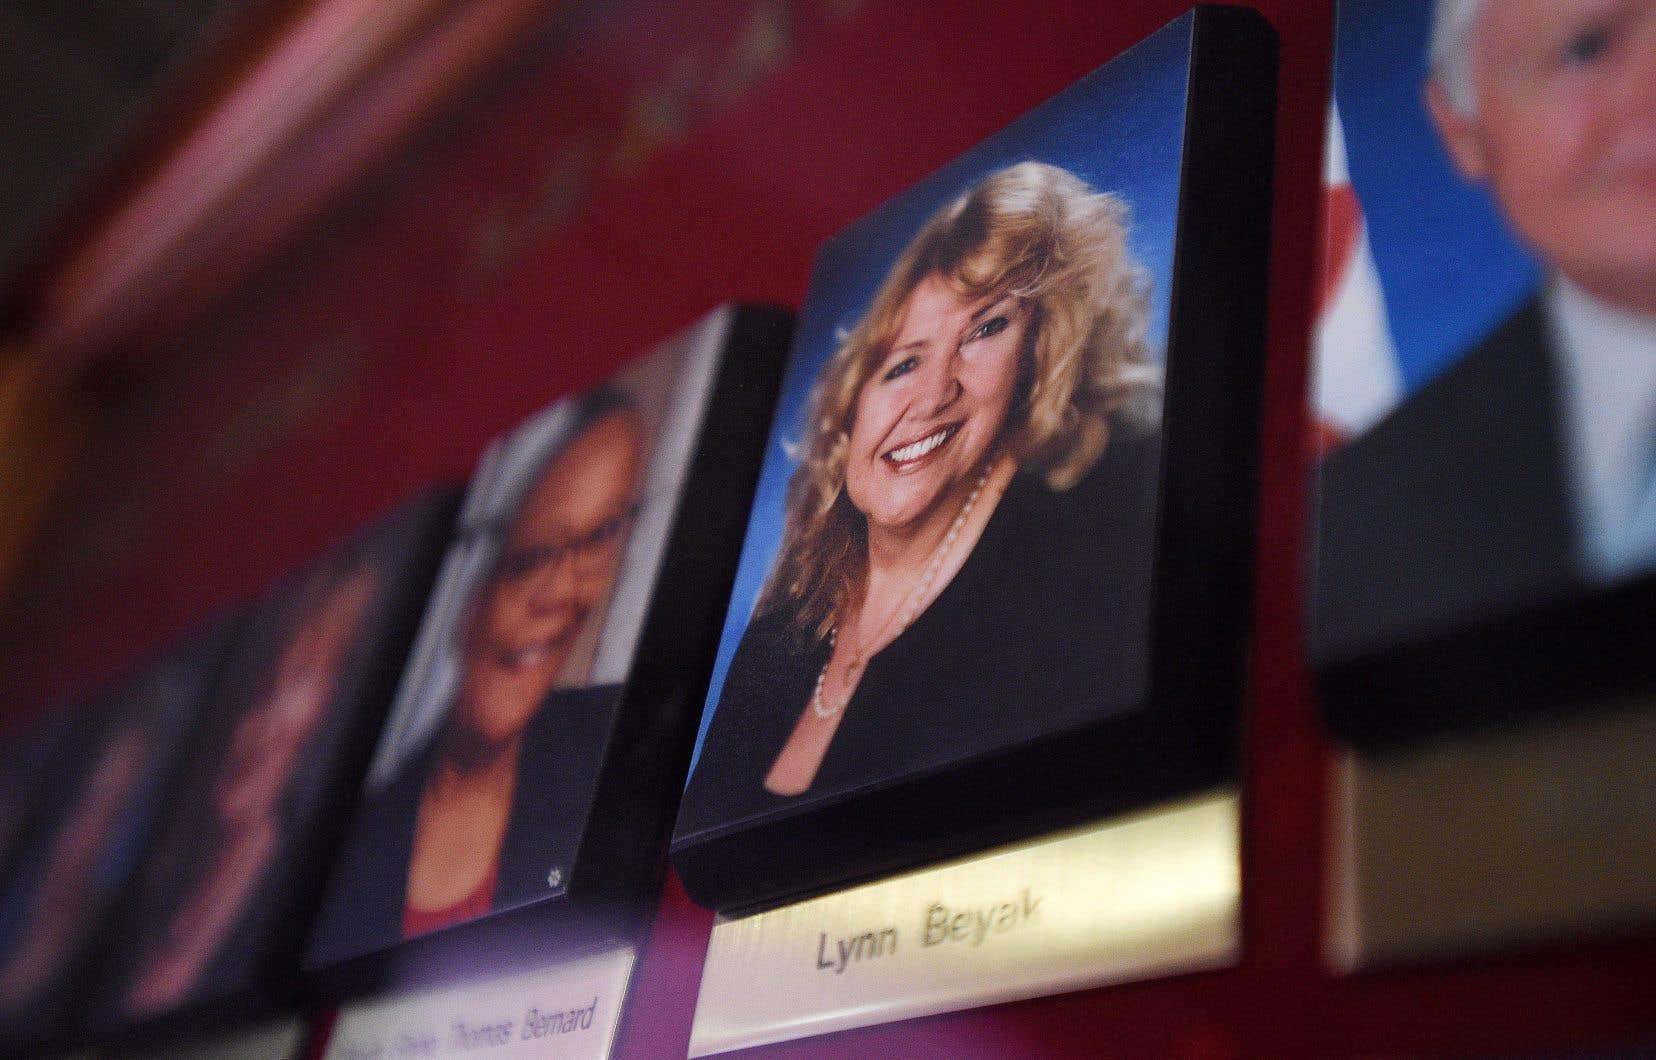 La sénatrice Lynn Beyak a refusé de retirer de son site Internet des lettres désobligeantes sur les peuples autochtones.